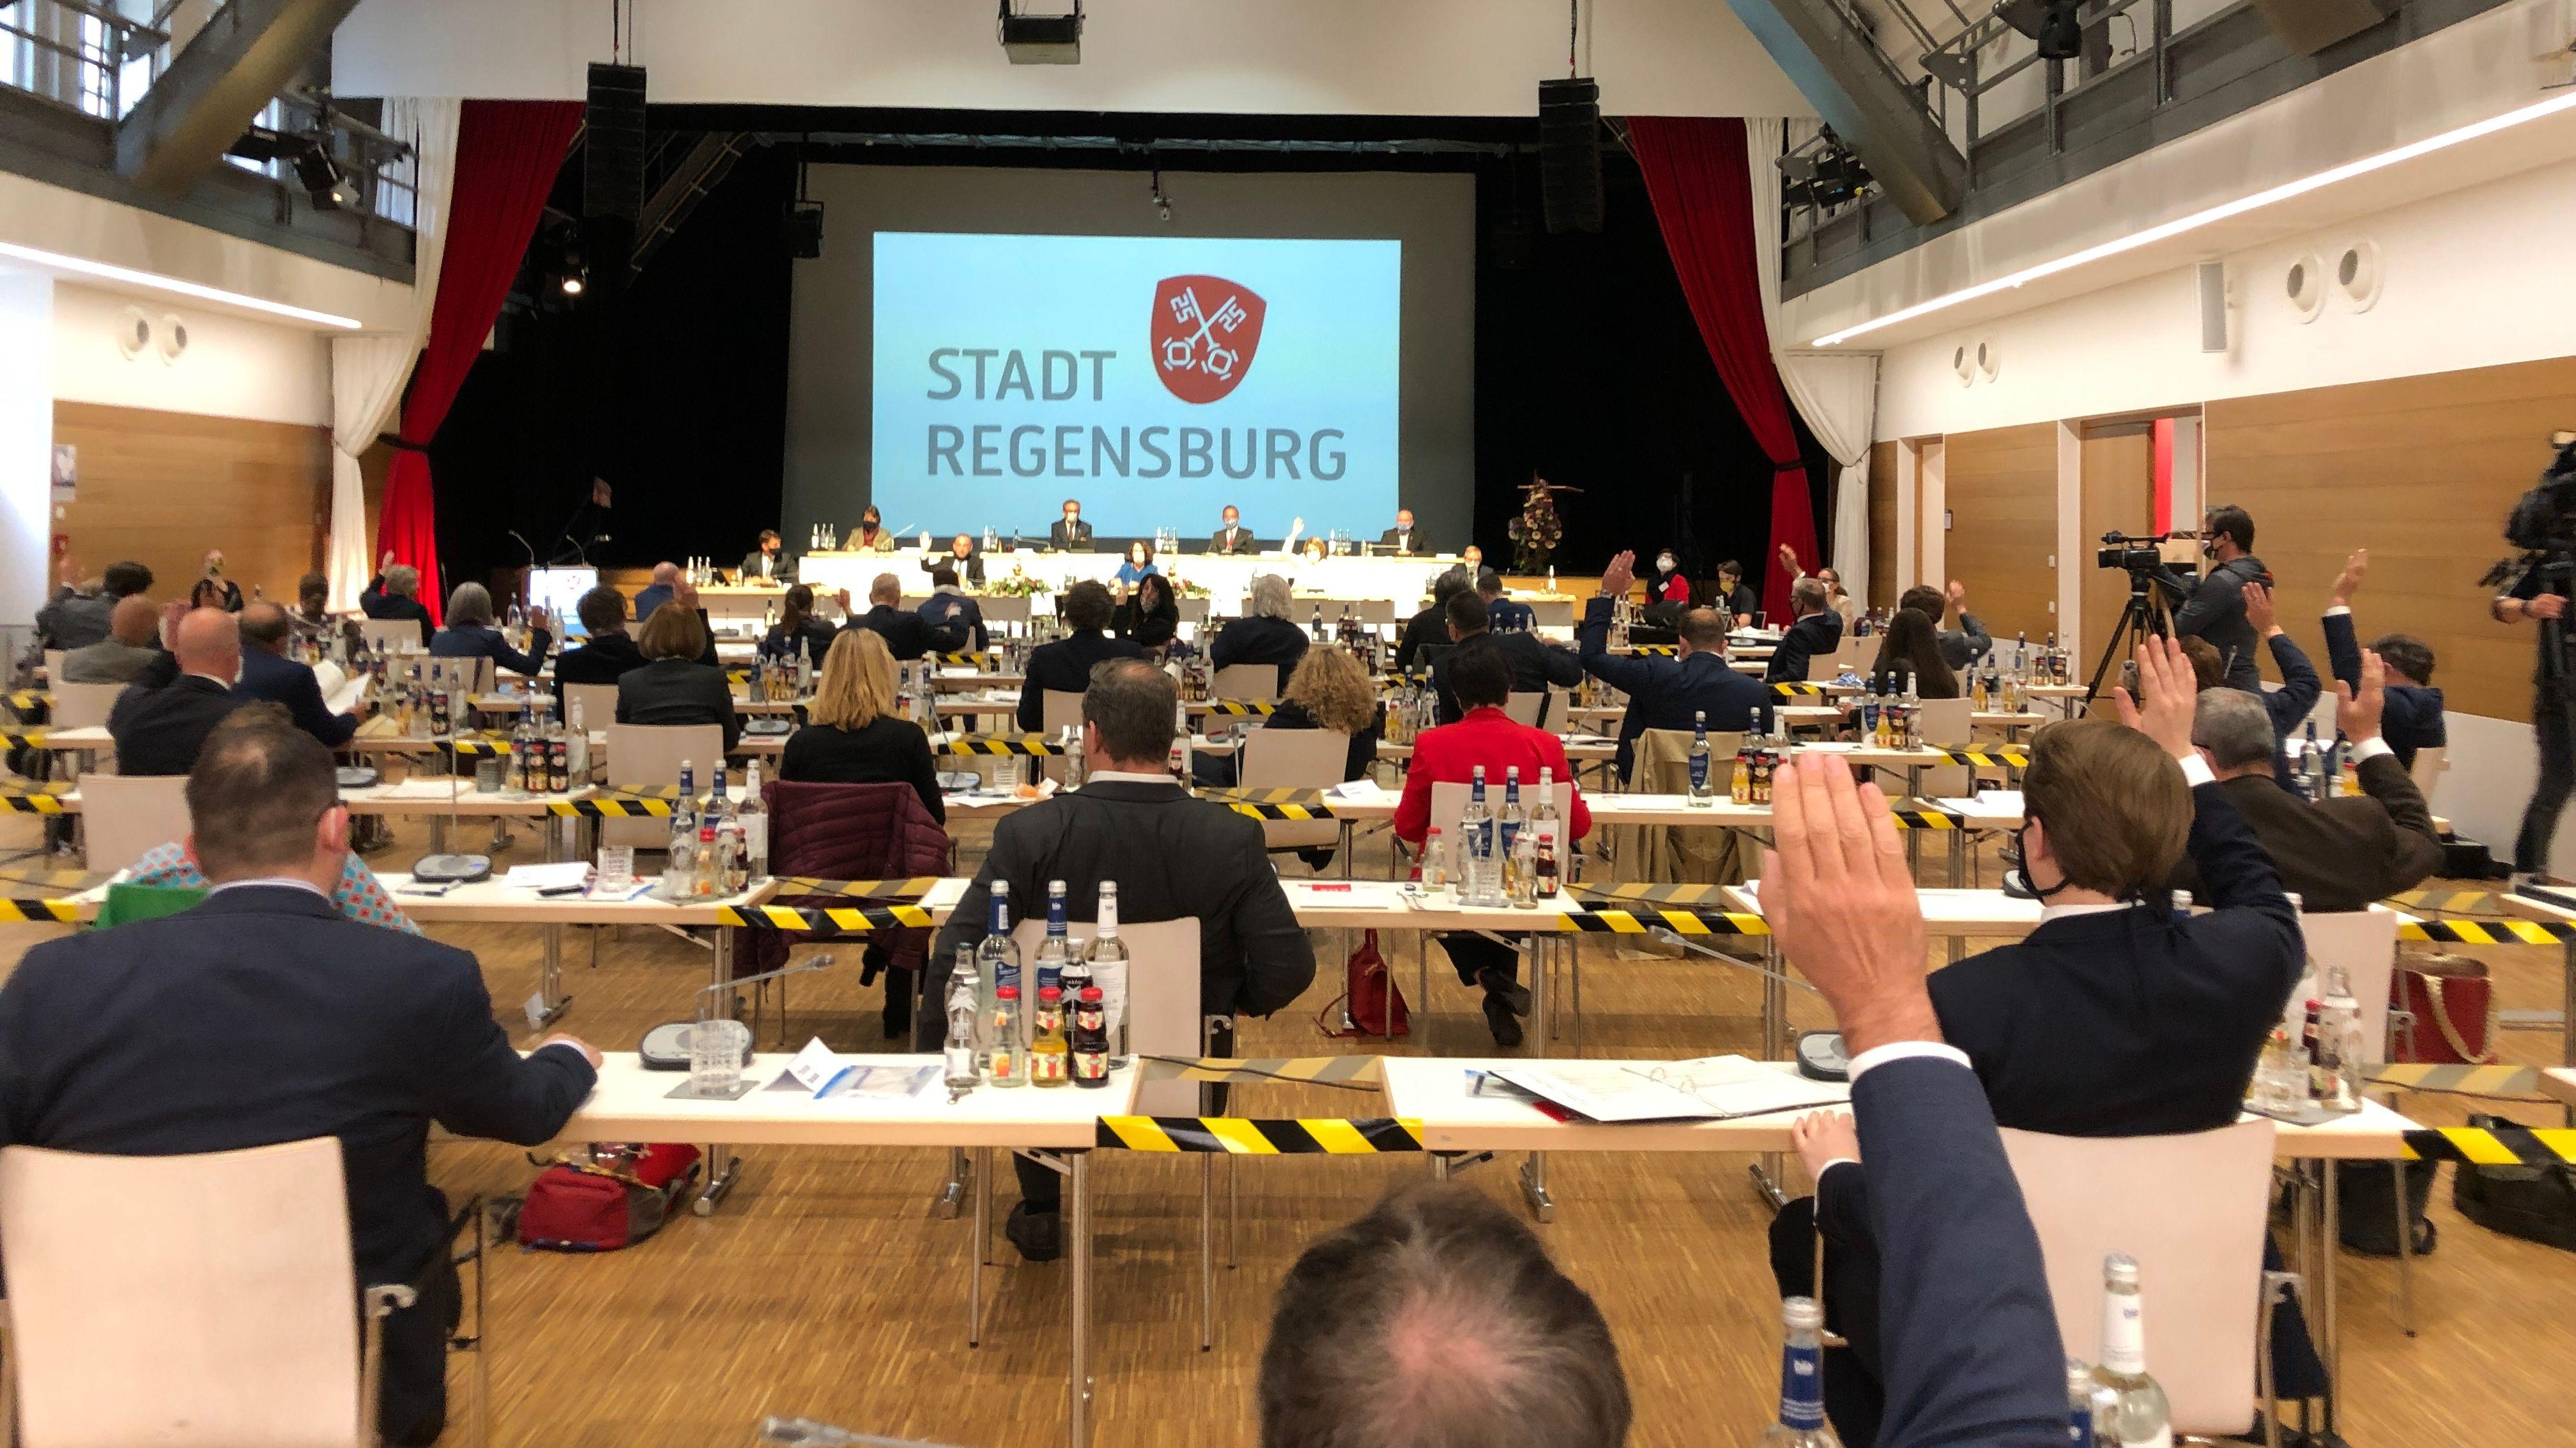 Konstituierende Sitzung in Regensburg.